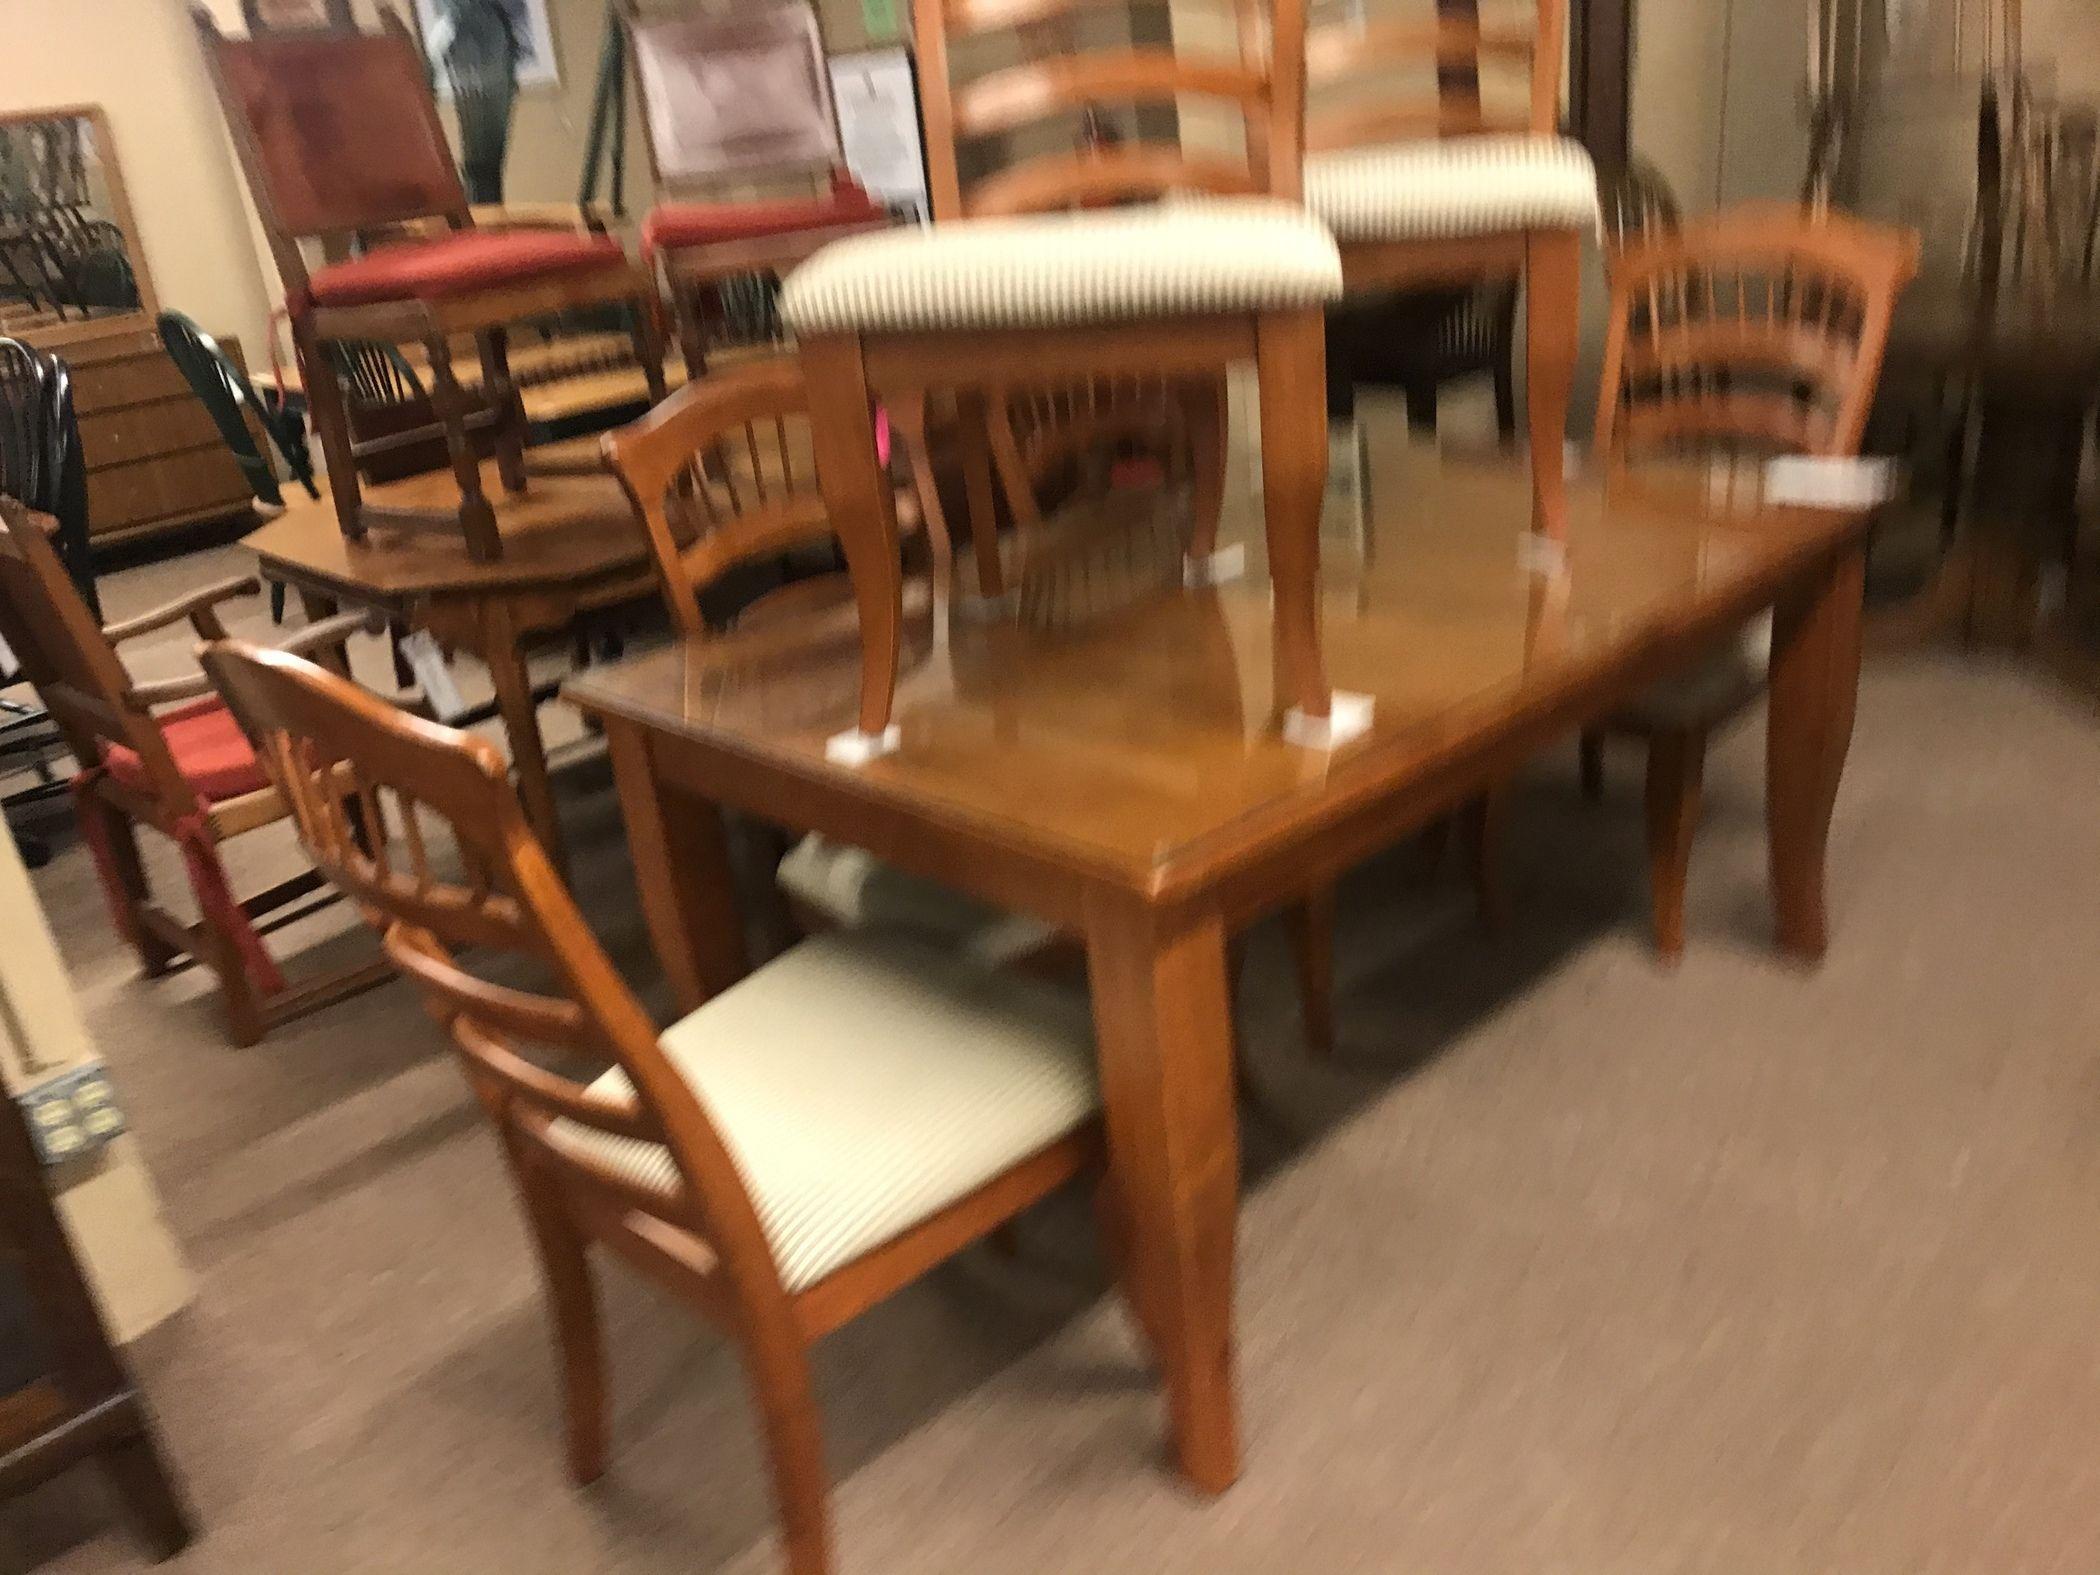 American Signature Dining Set Delmarva Furniture Consignment